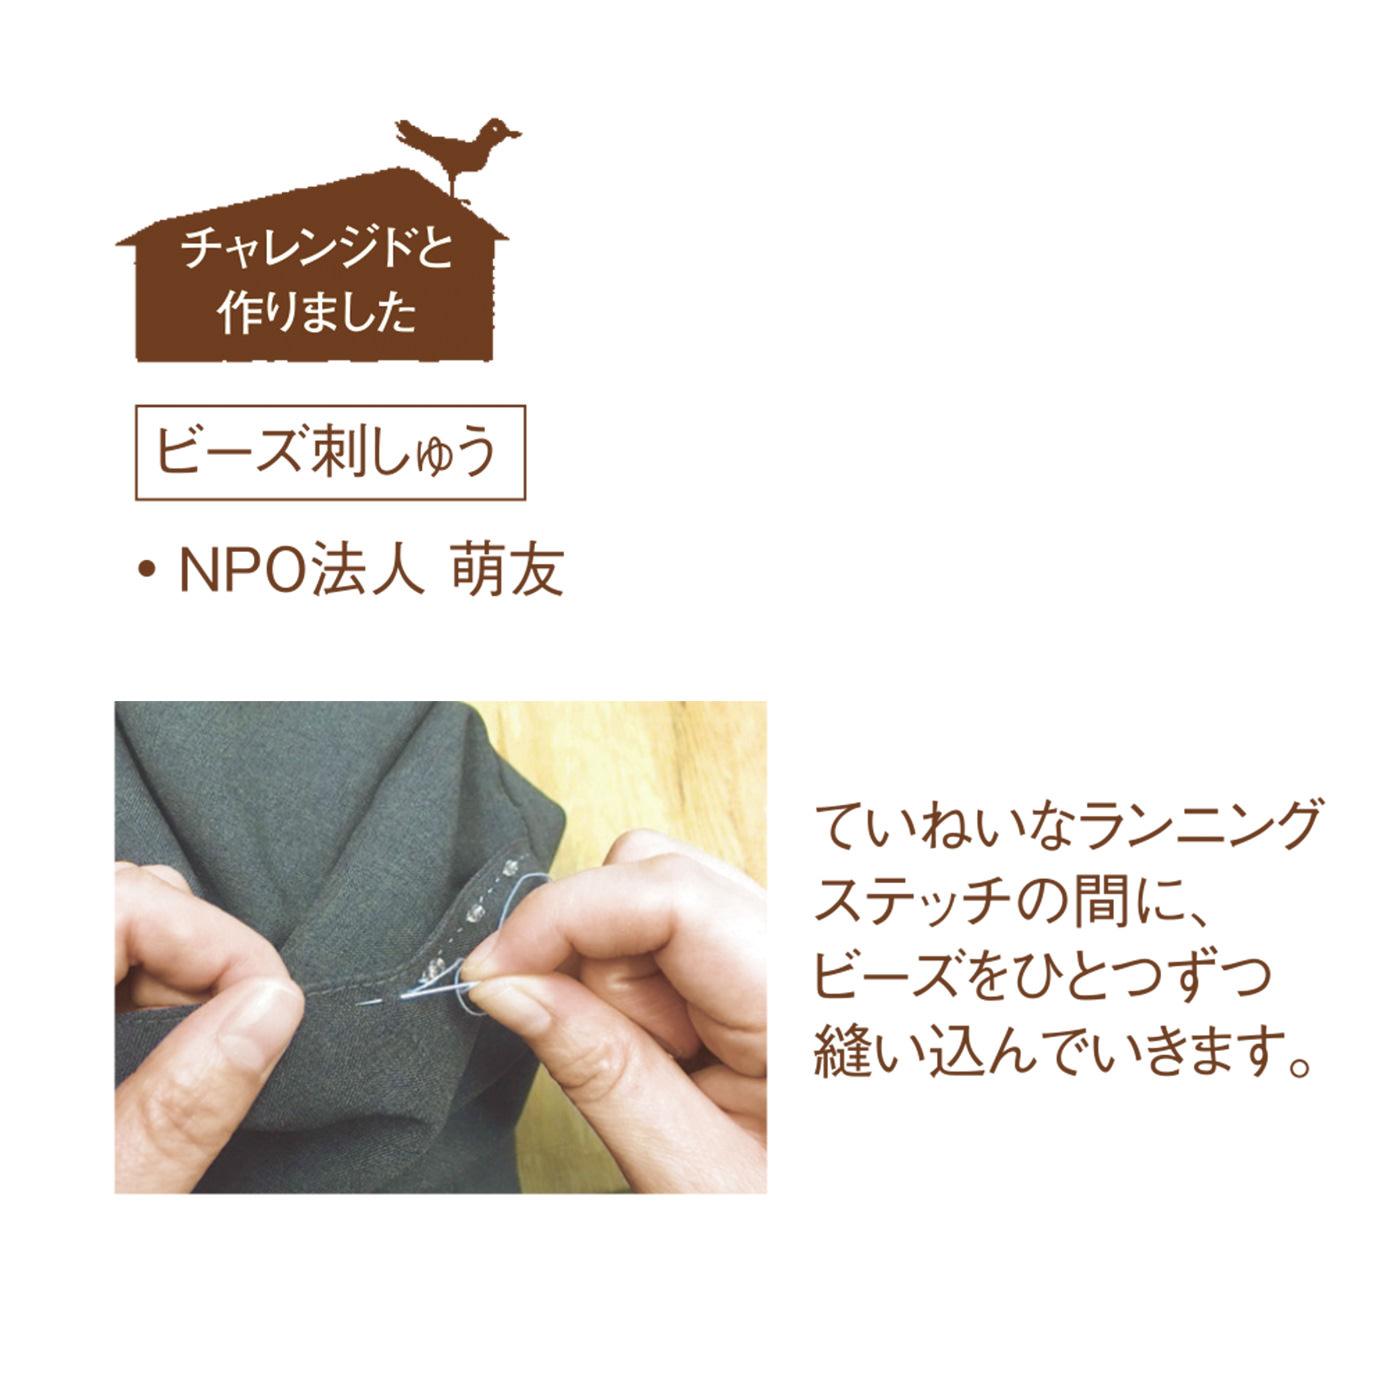 ていねいなランニングステッチの間に、ビーズをひとつずつ縫い込んでいきます。